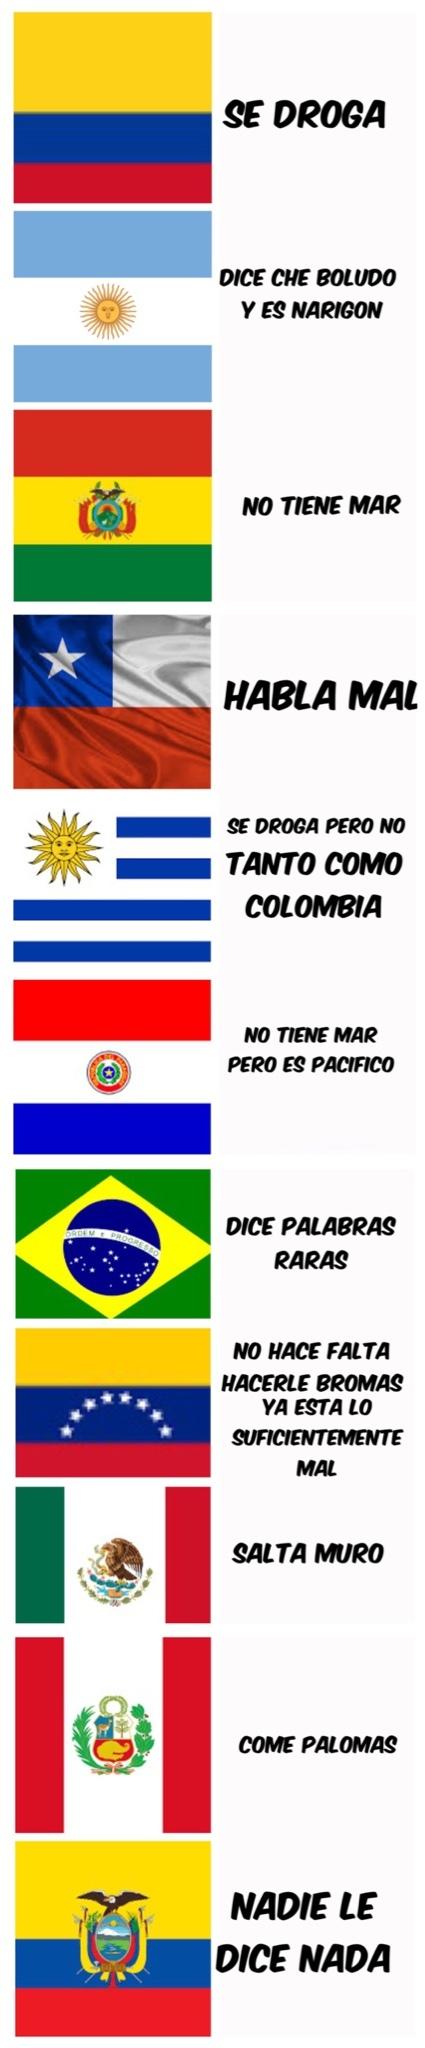 Sudamérica:v - meme